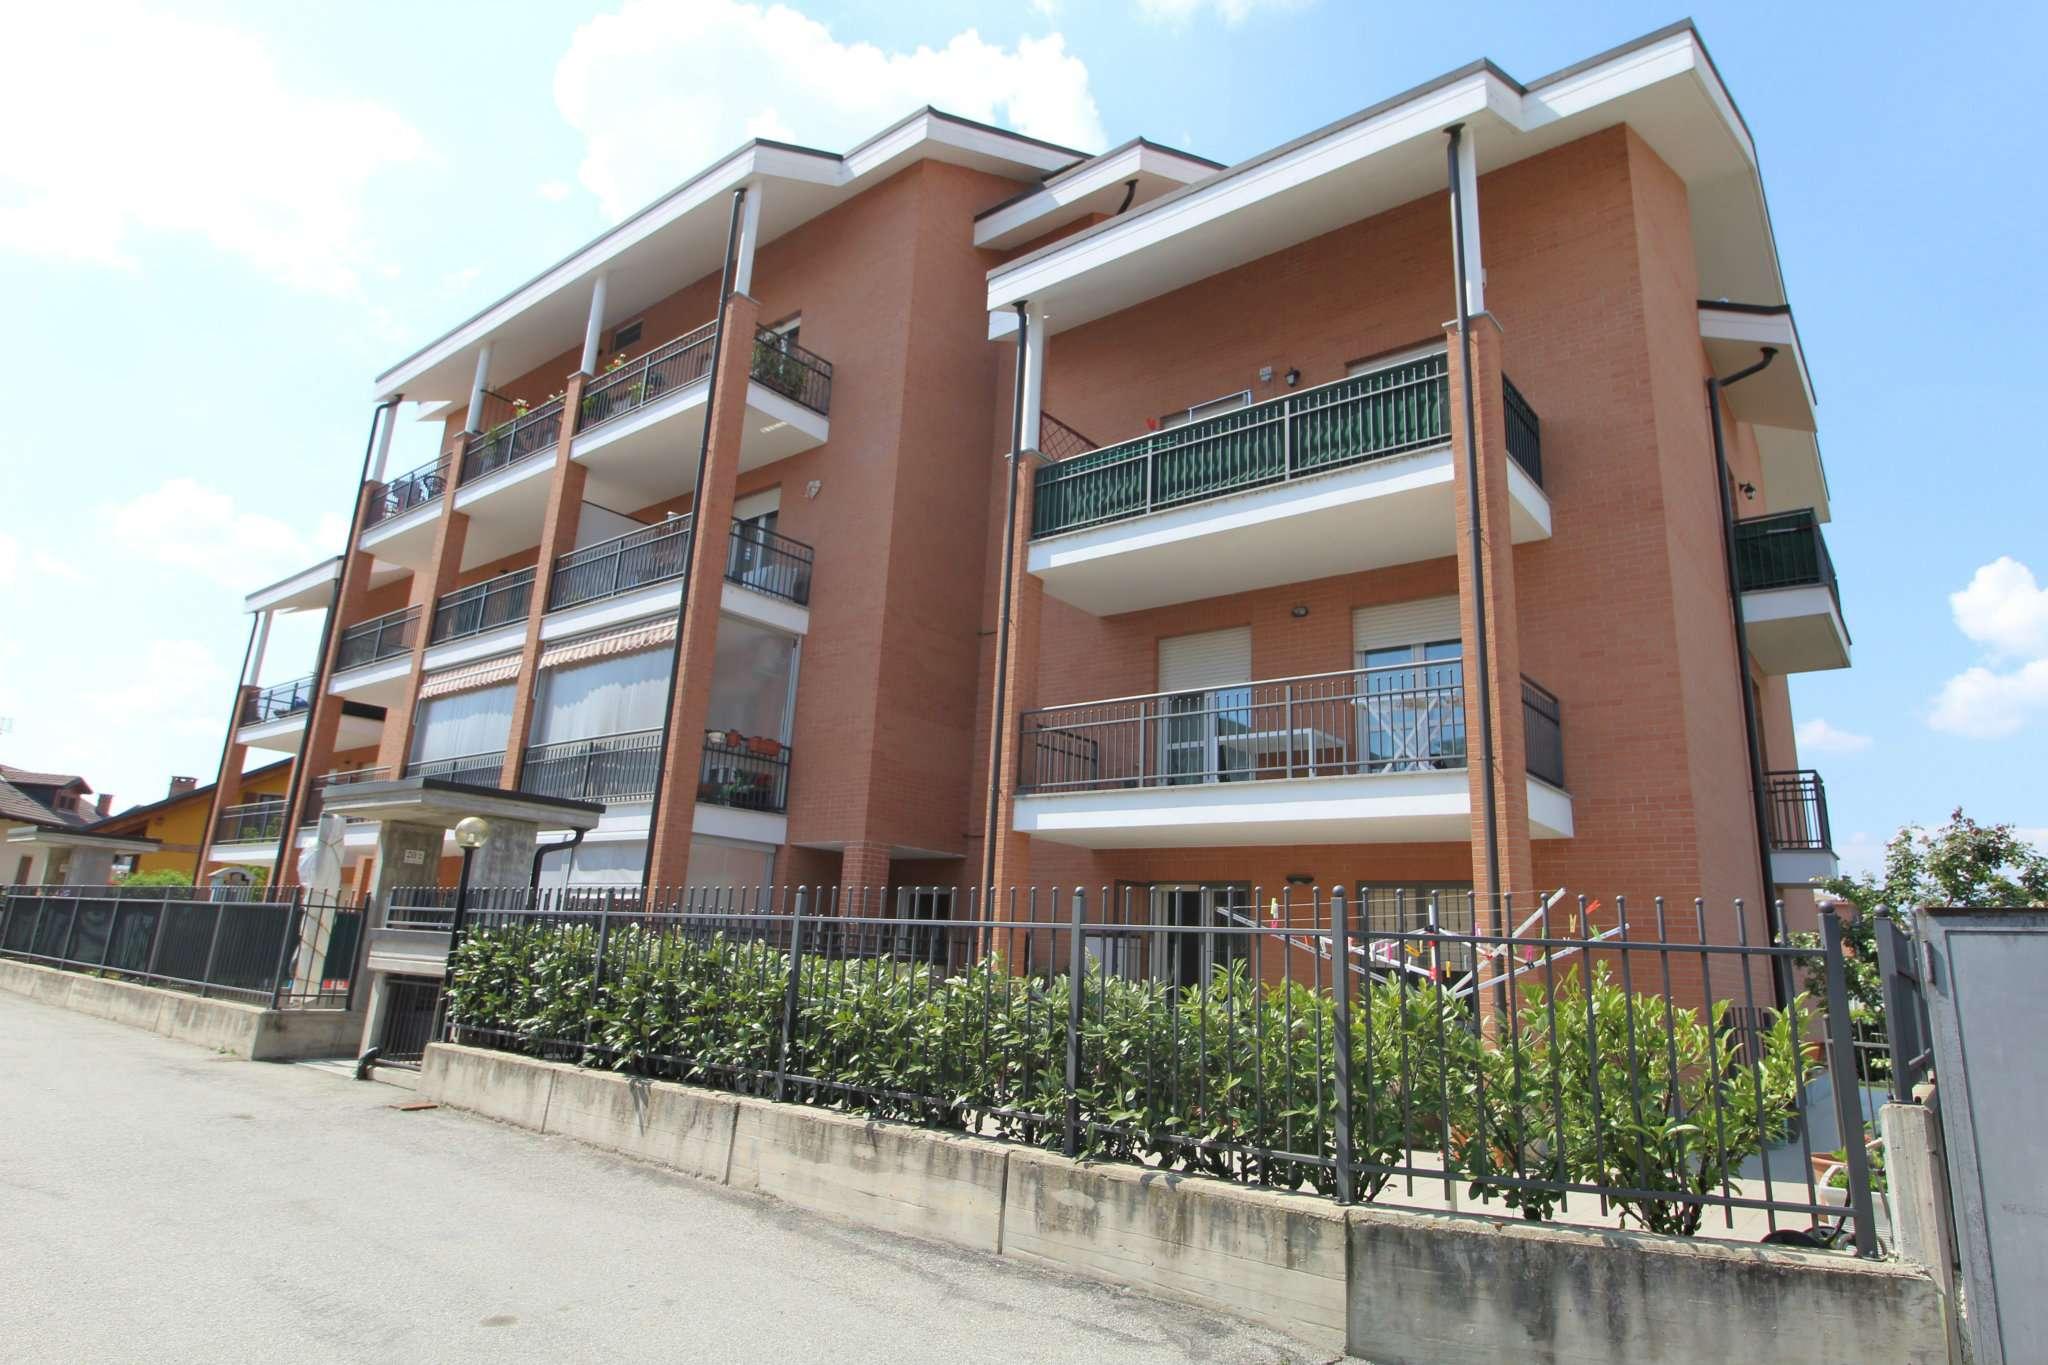 Appartamento in vendita a Vinovo, 3 locali, prezzo € 168.000 | PortaleAgenzieImmobiliari.it